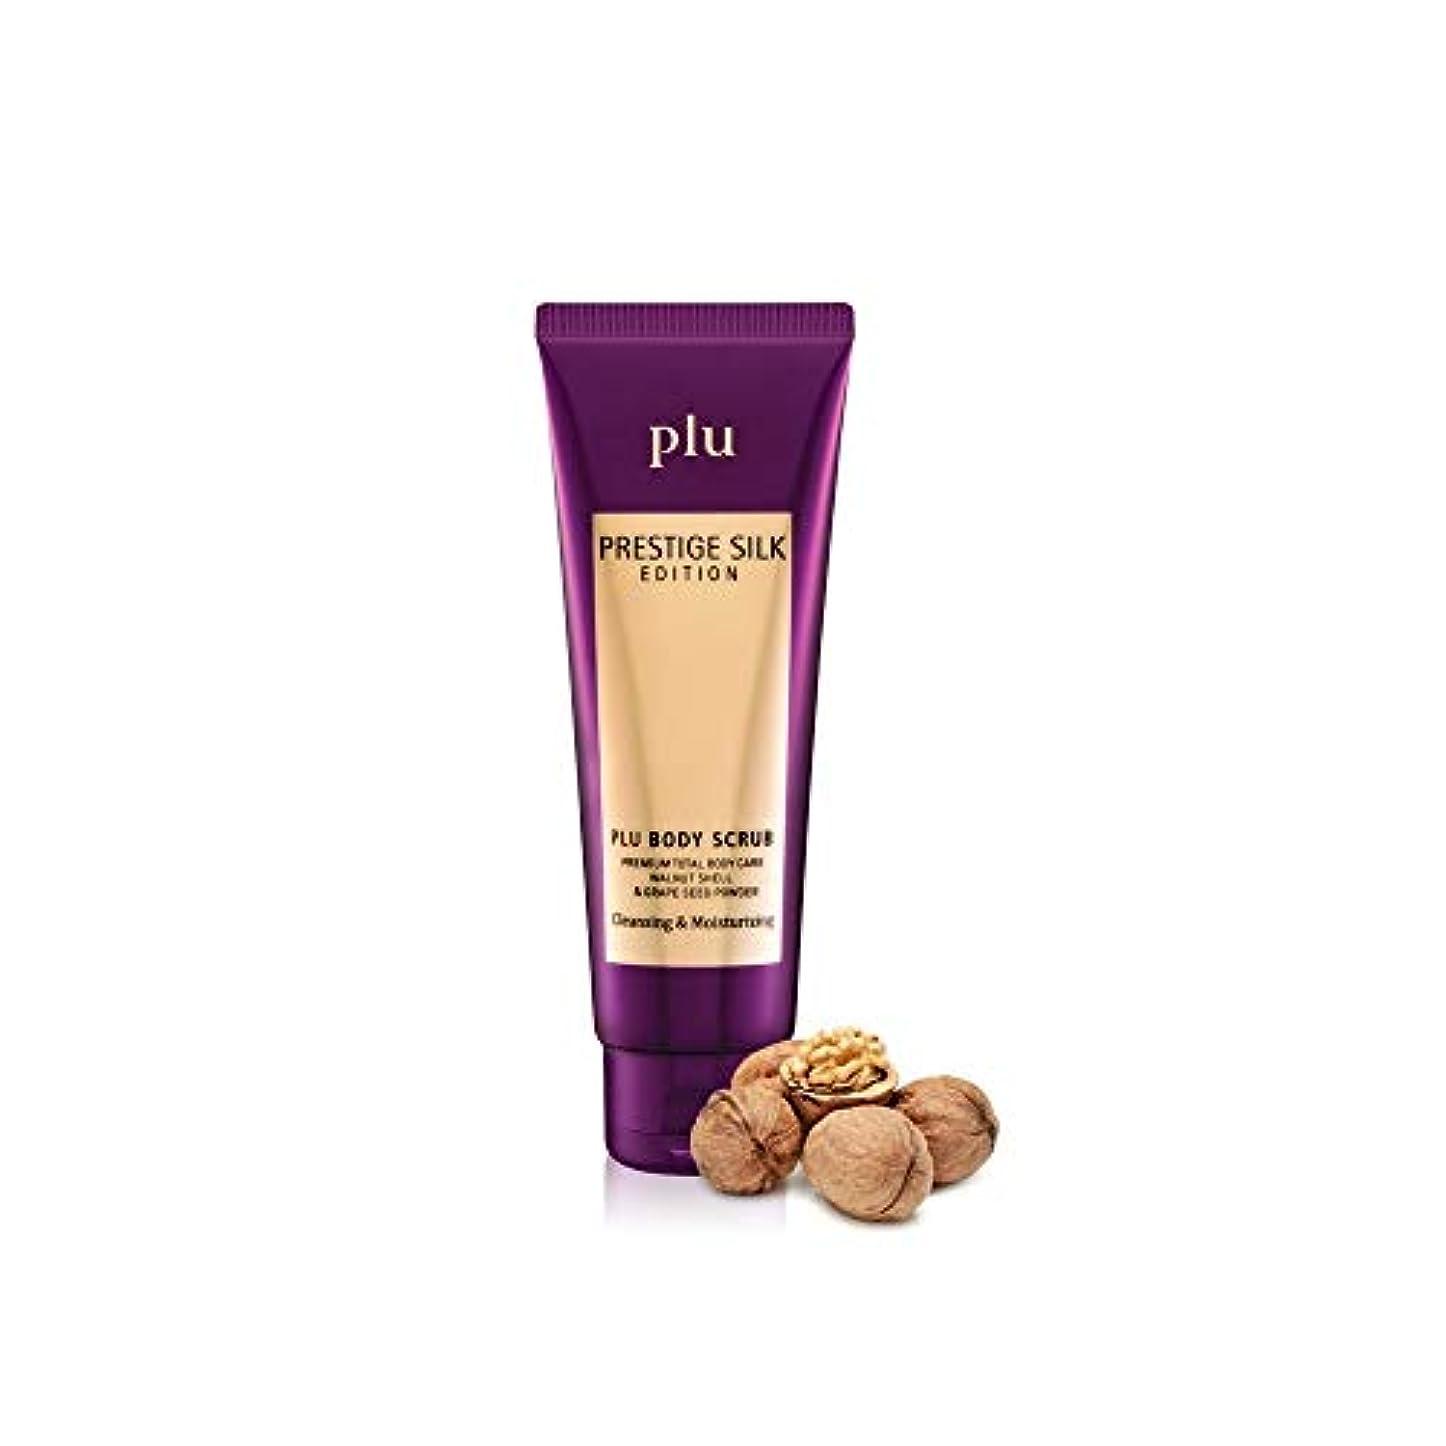 シフトシフトただ[ギフト付き] Plu プル プレステージ セラピー エディション ボディスクラブ 50g/180g / Plu Prestige Therapy Edition Body Scrub 50g /180 (180g)